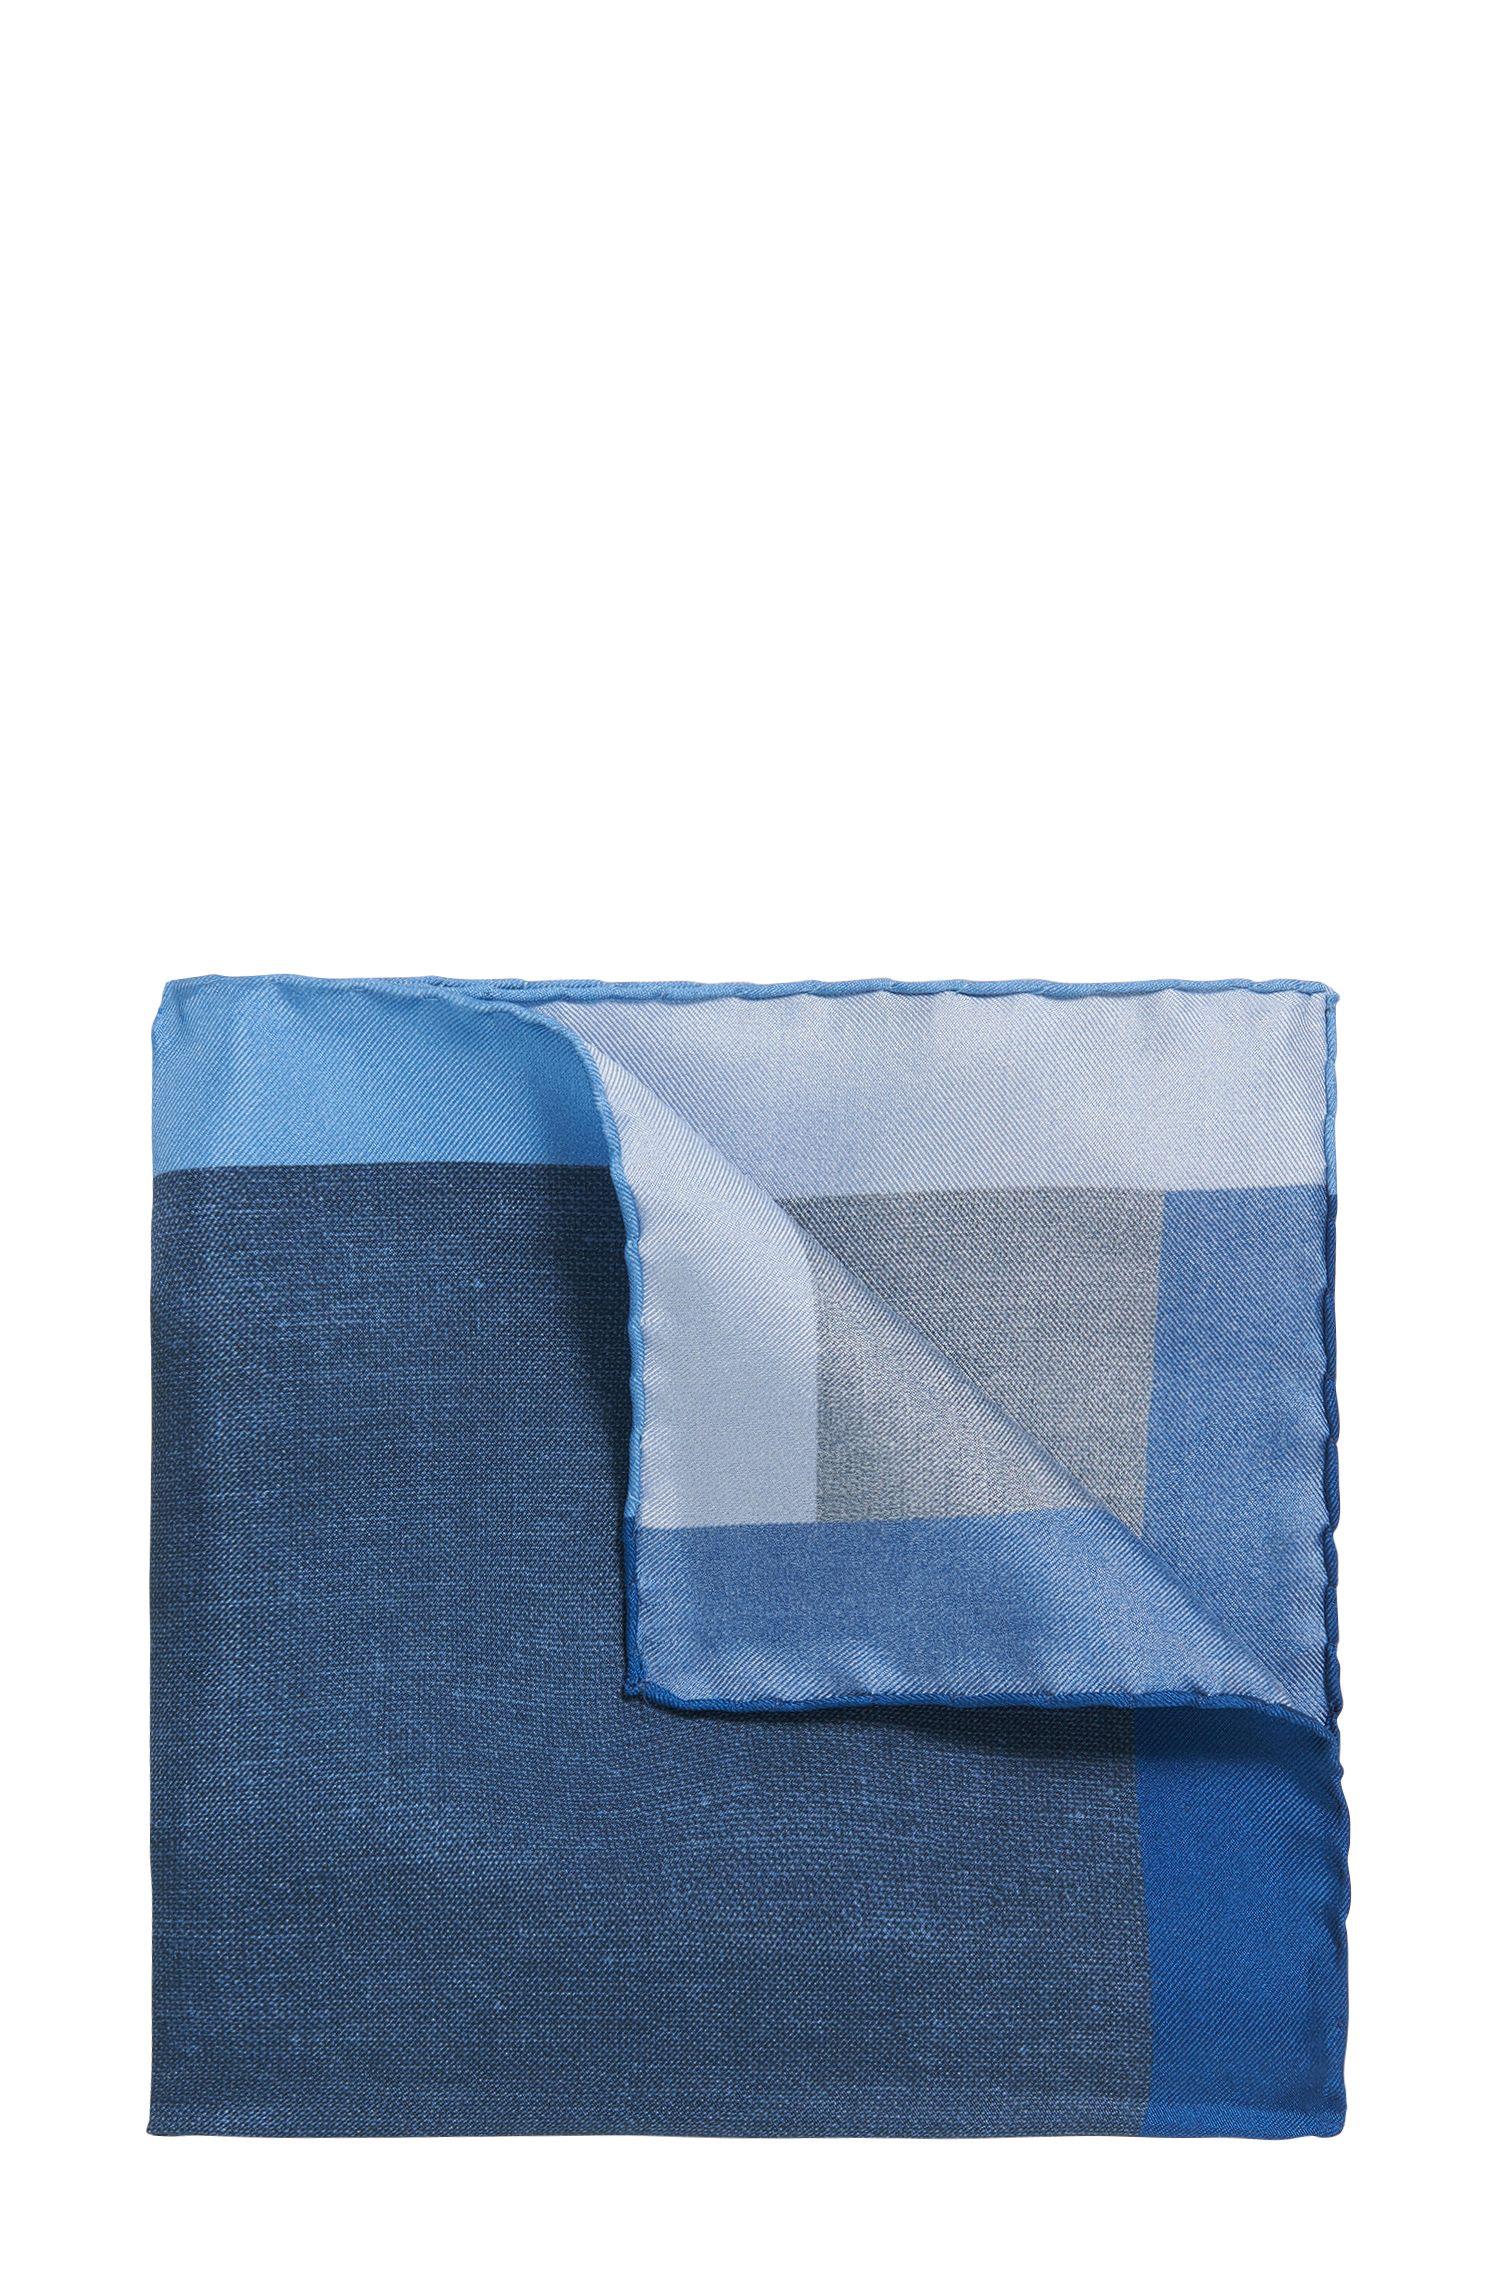 Pochette da taschino in seta stampata